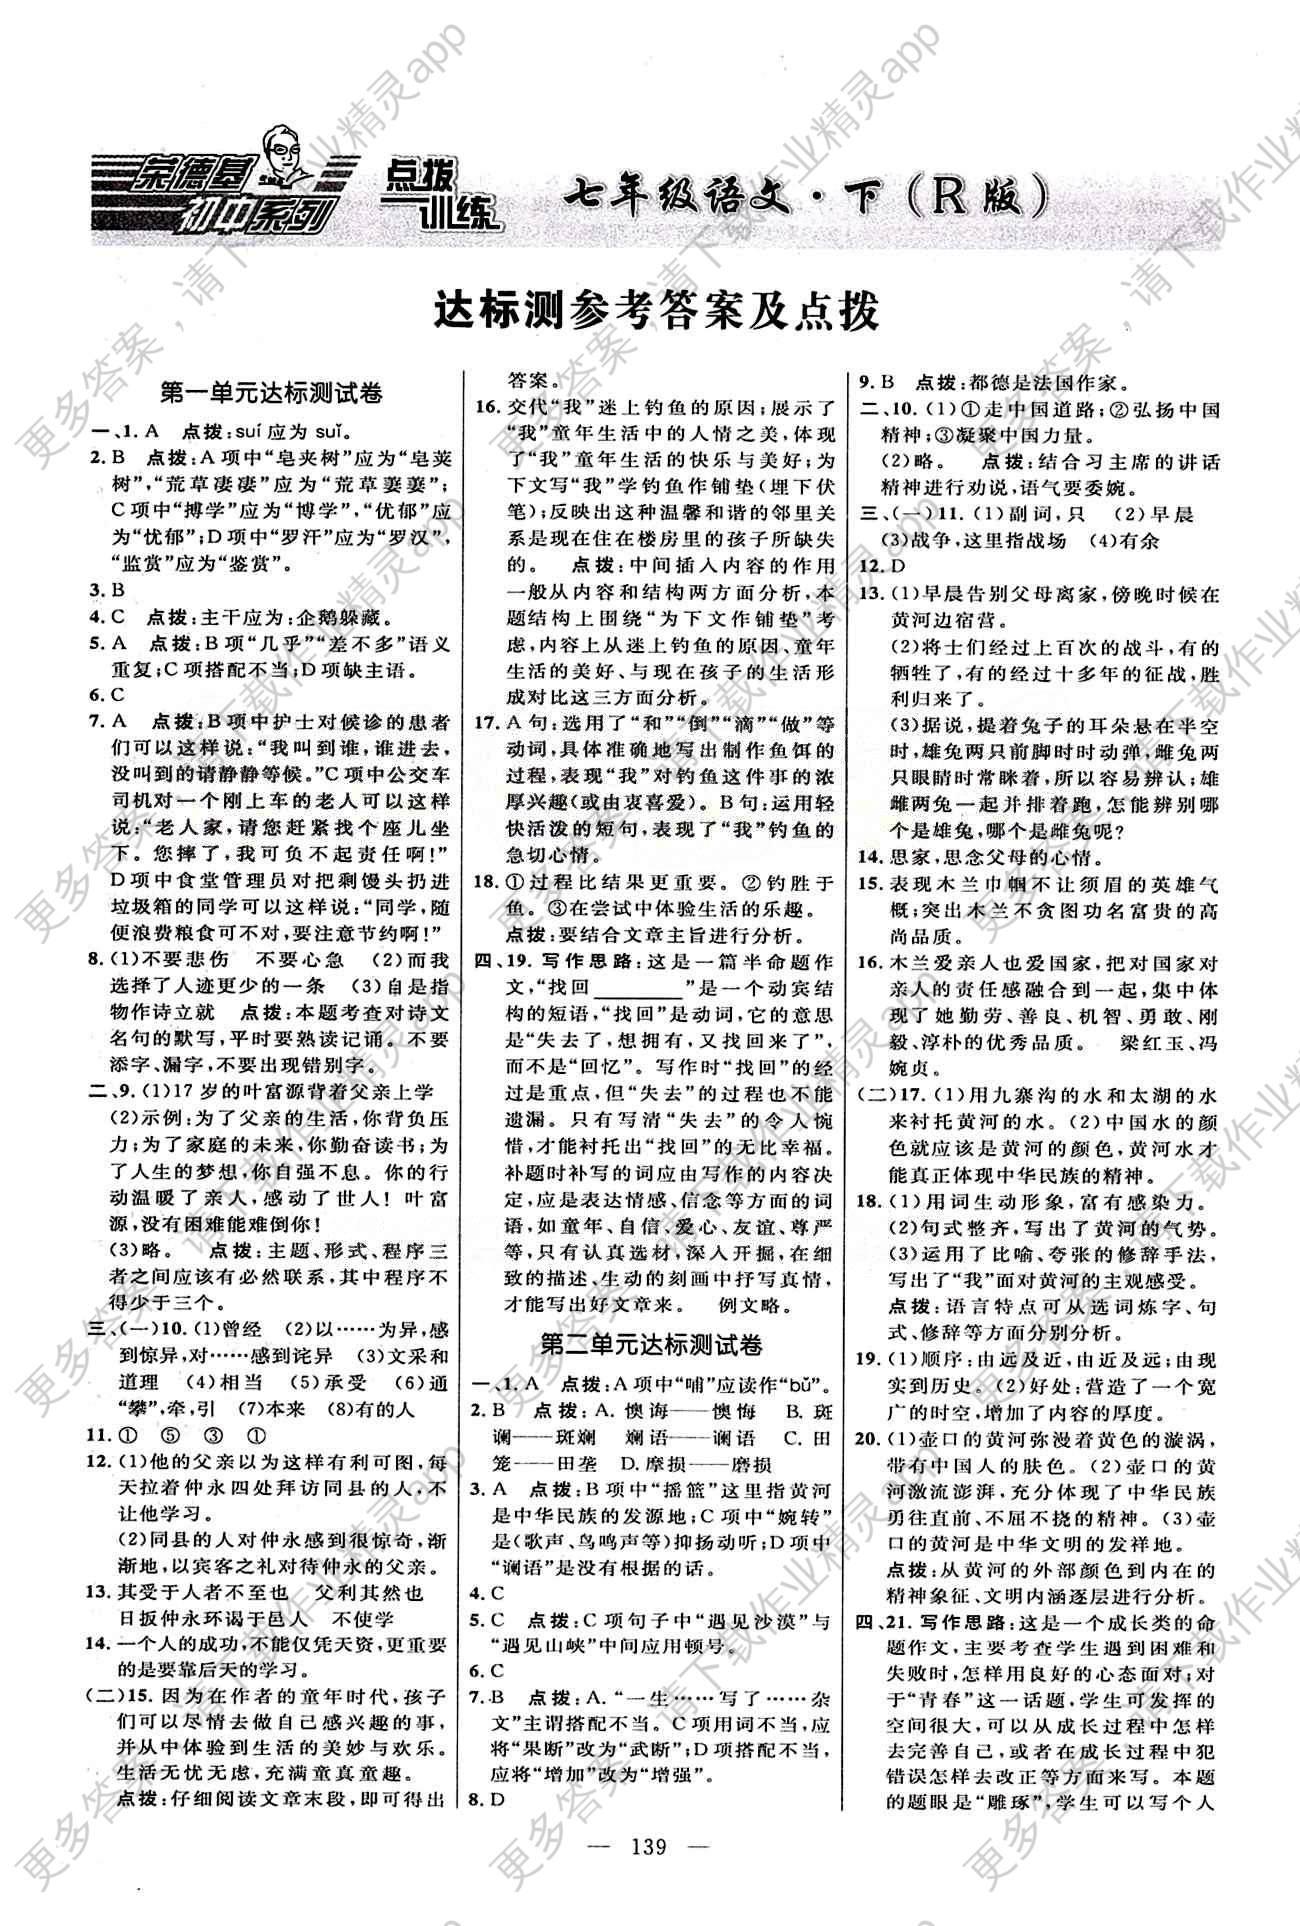 2015荣德基城区排名v城区七语文下初中青浦教点拨初中年级吉林图片